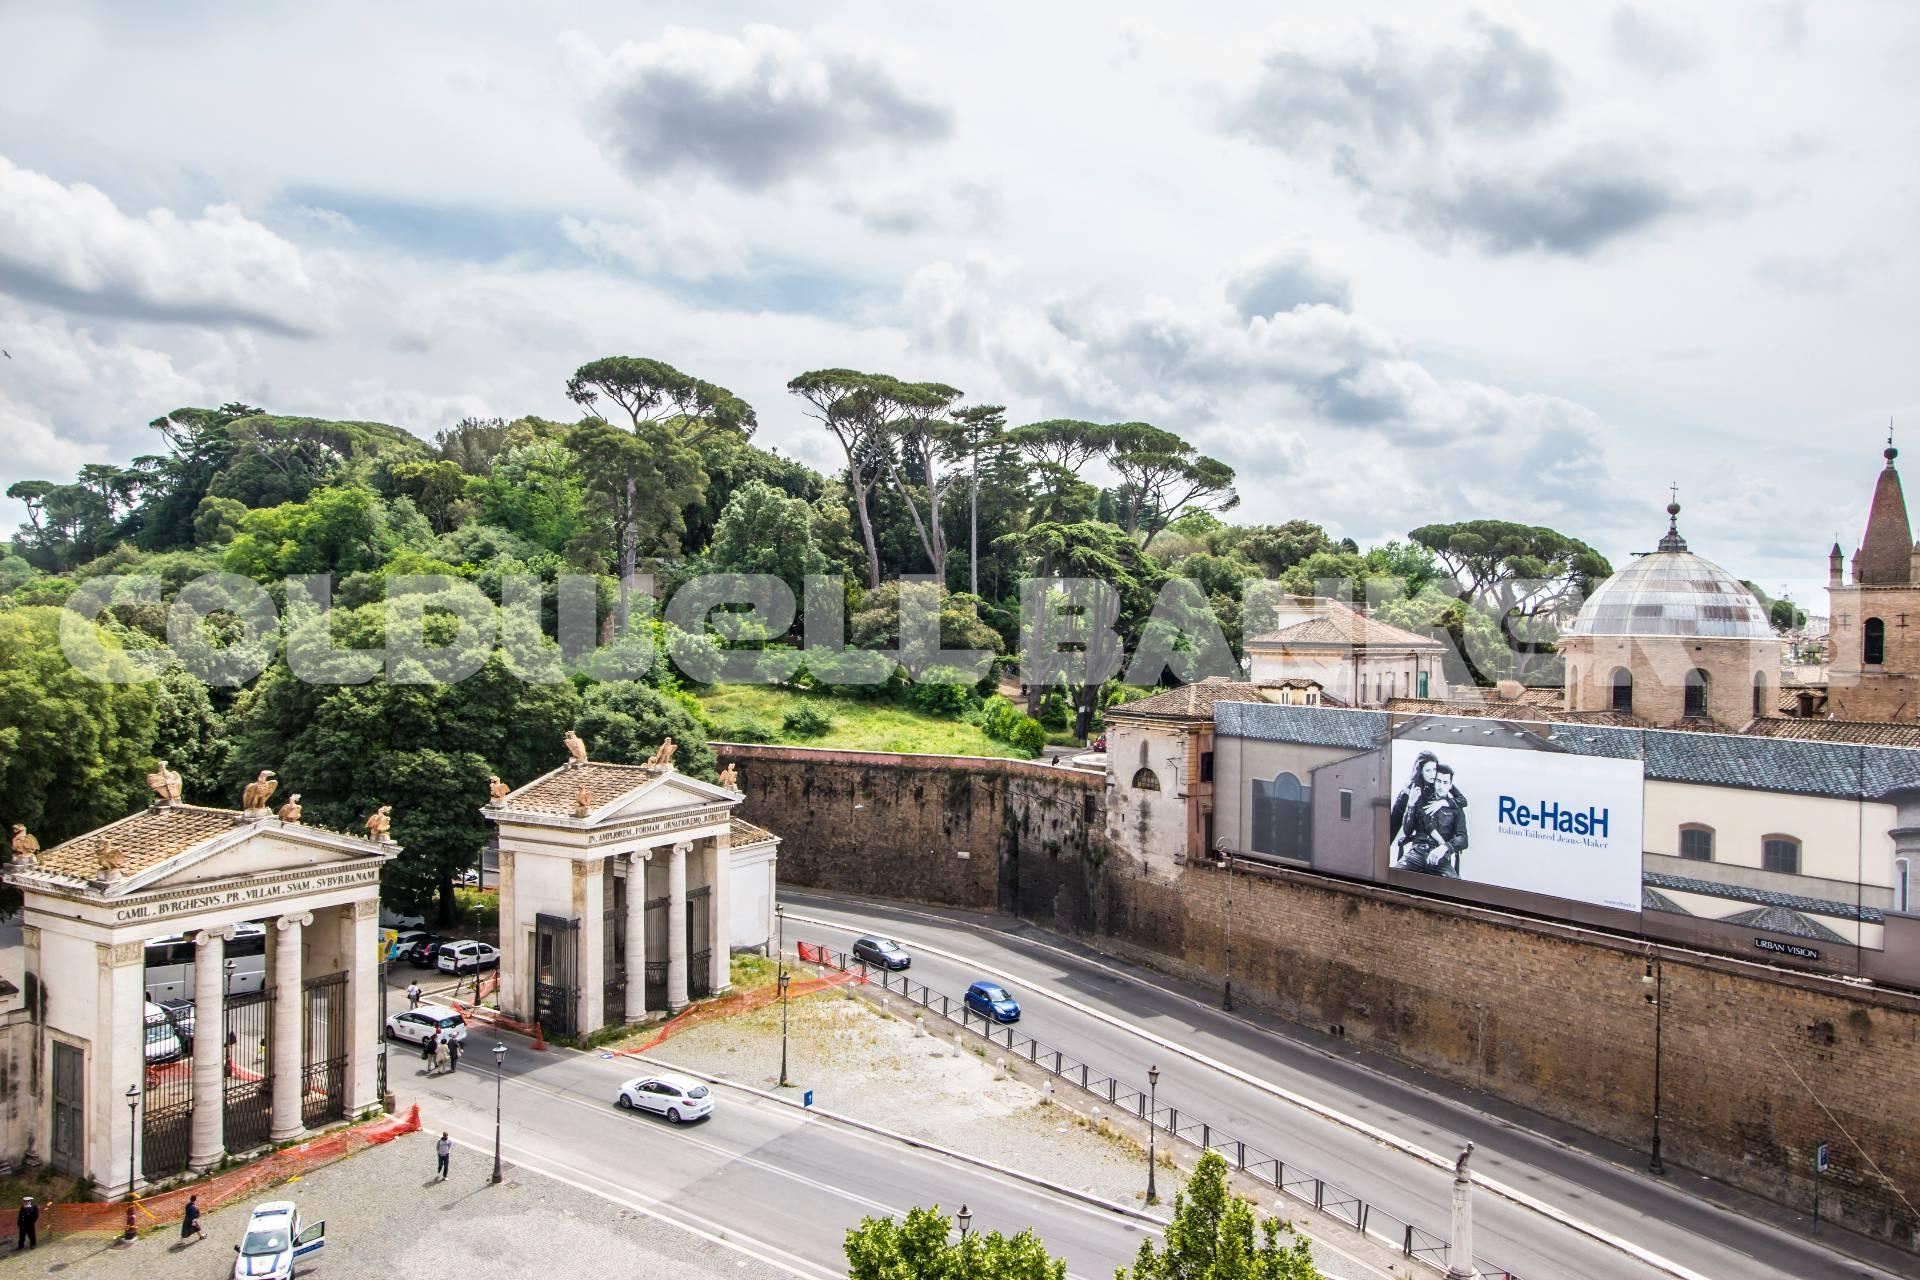 Ufficio in affitto a roma cod ex1070 for Locali uso ufficio in affitto a roma